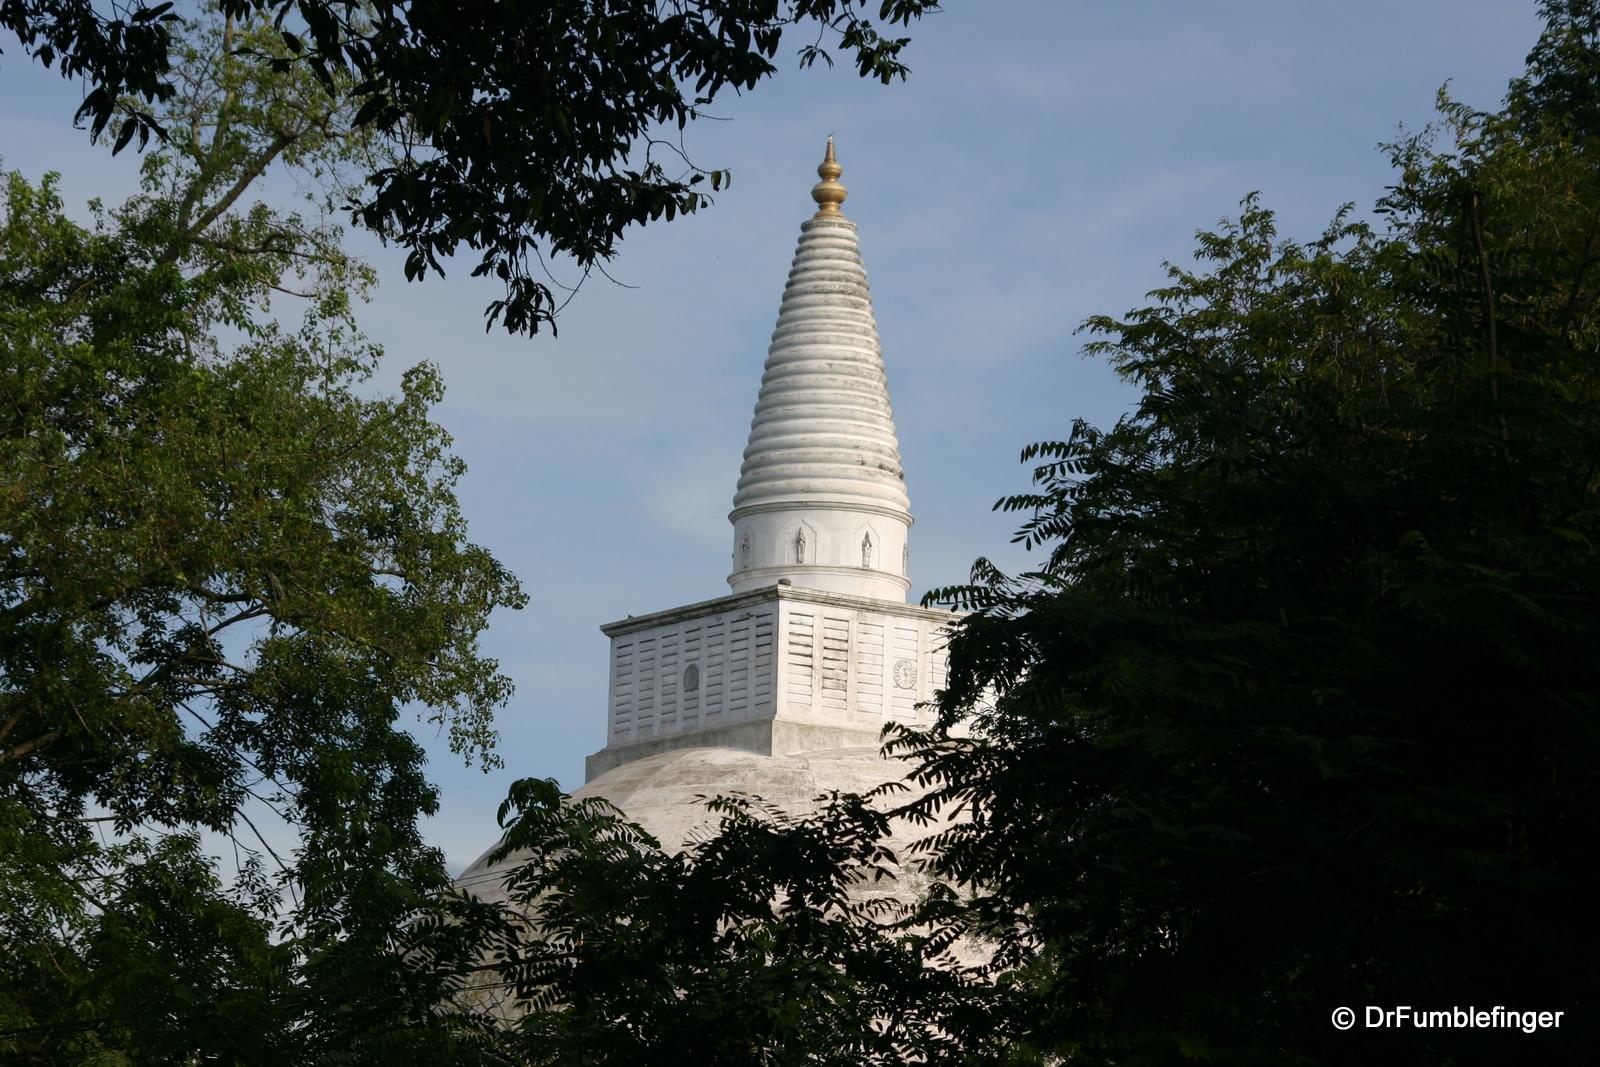 Anuradhapura -- Ruwanweli Seya Stupa